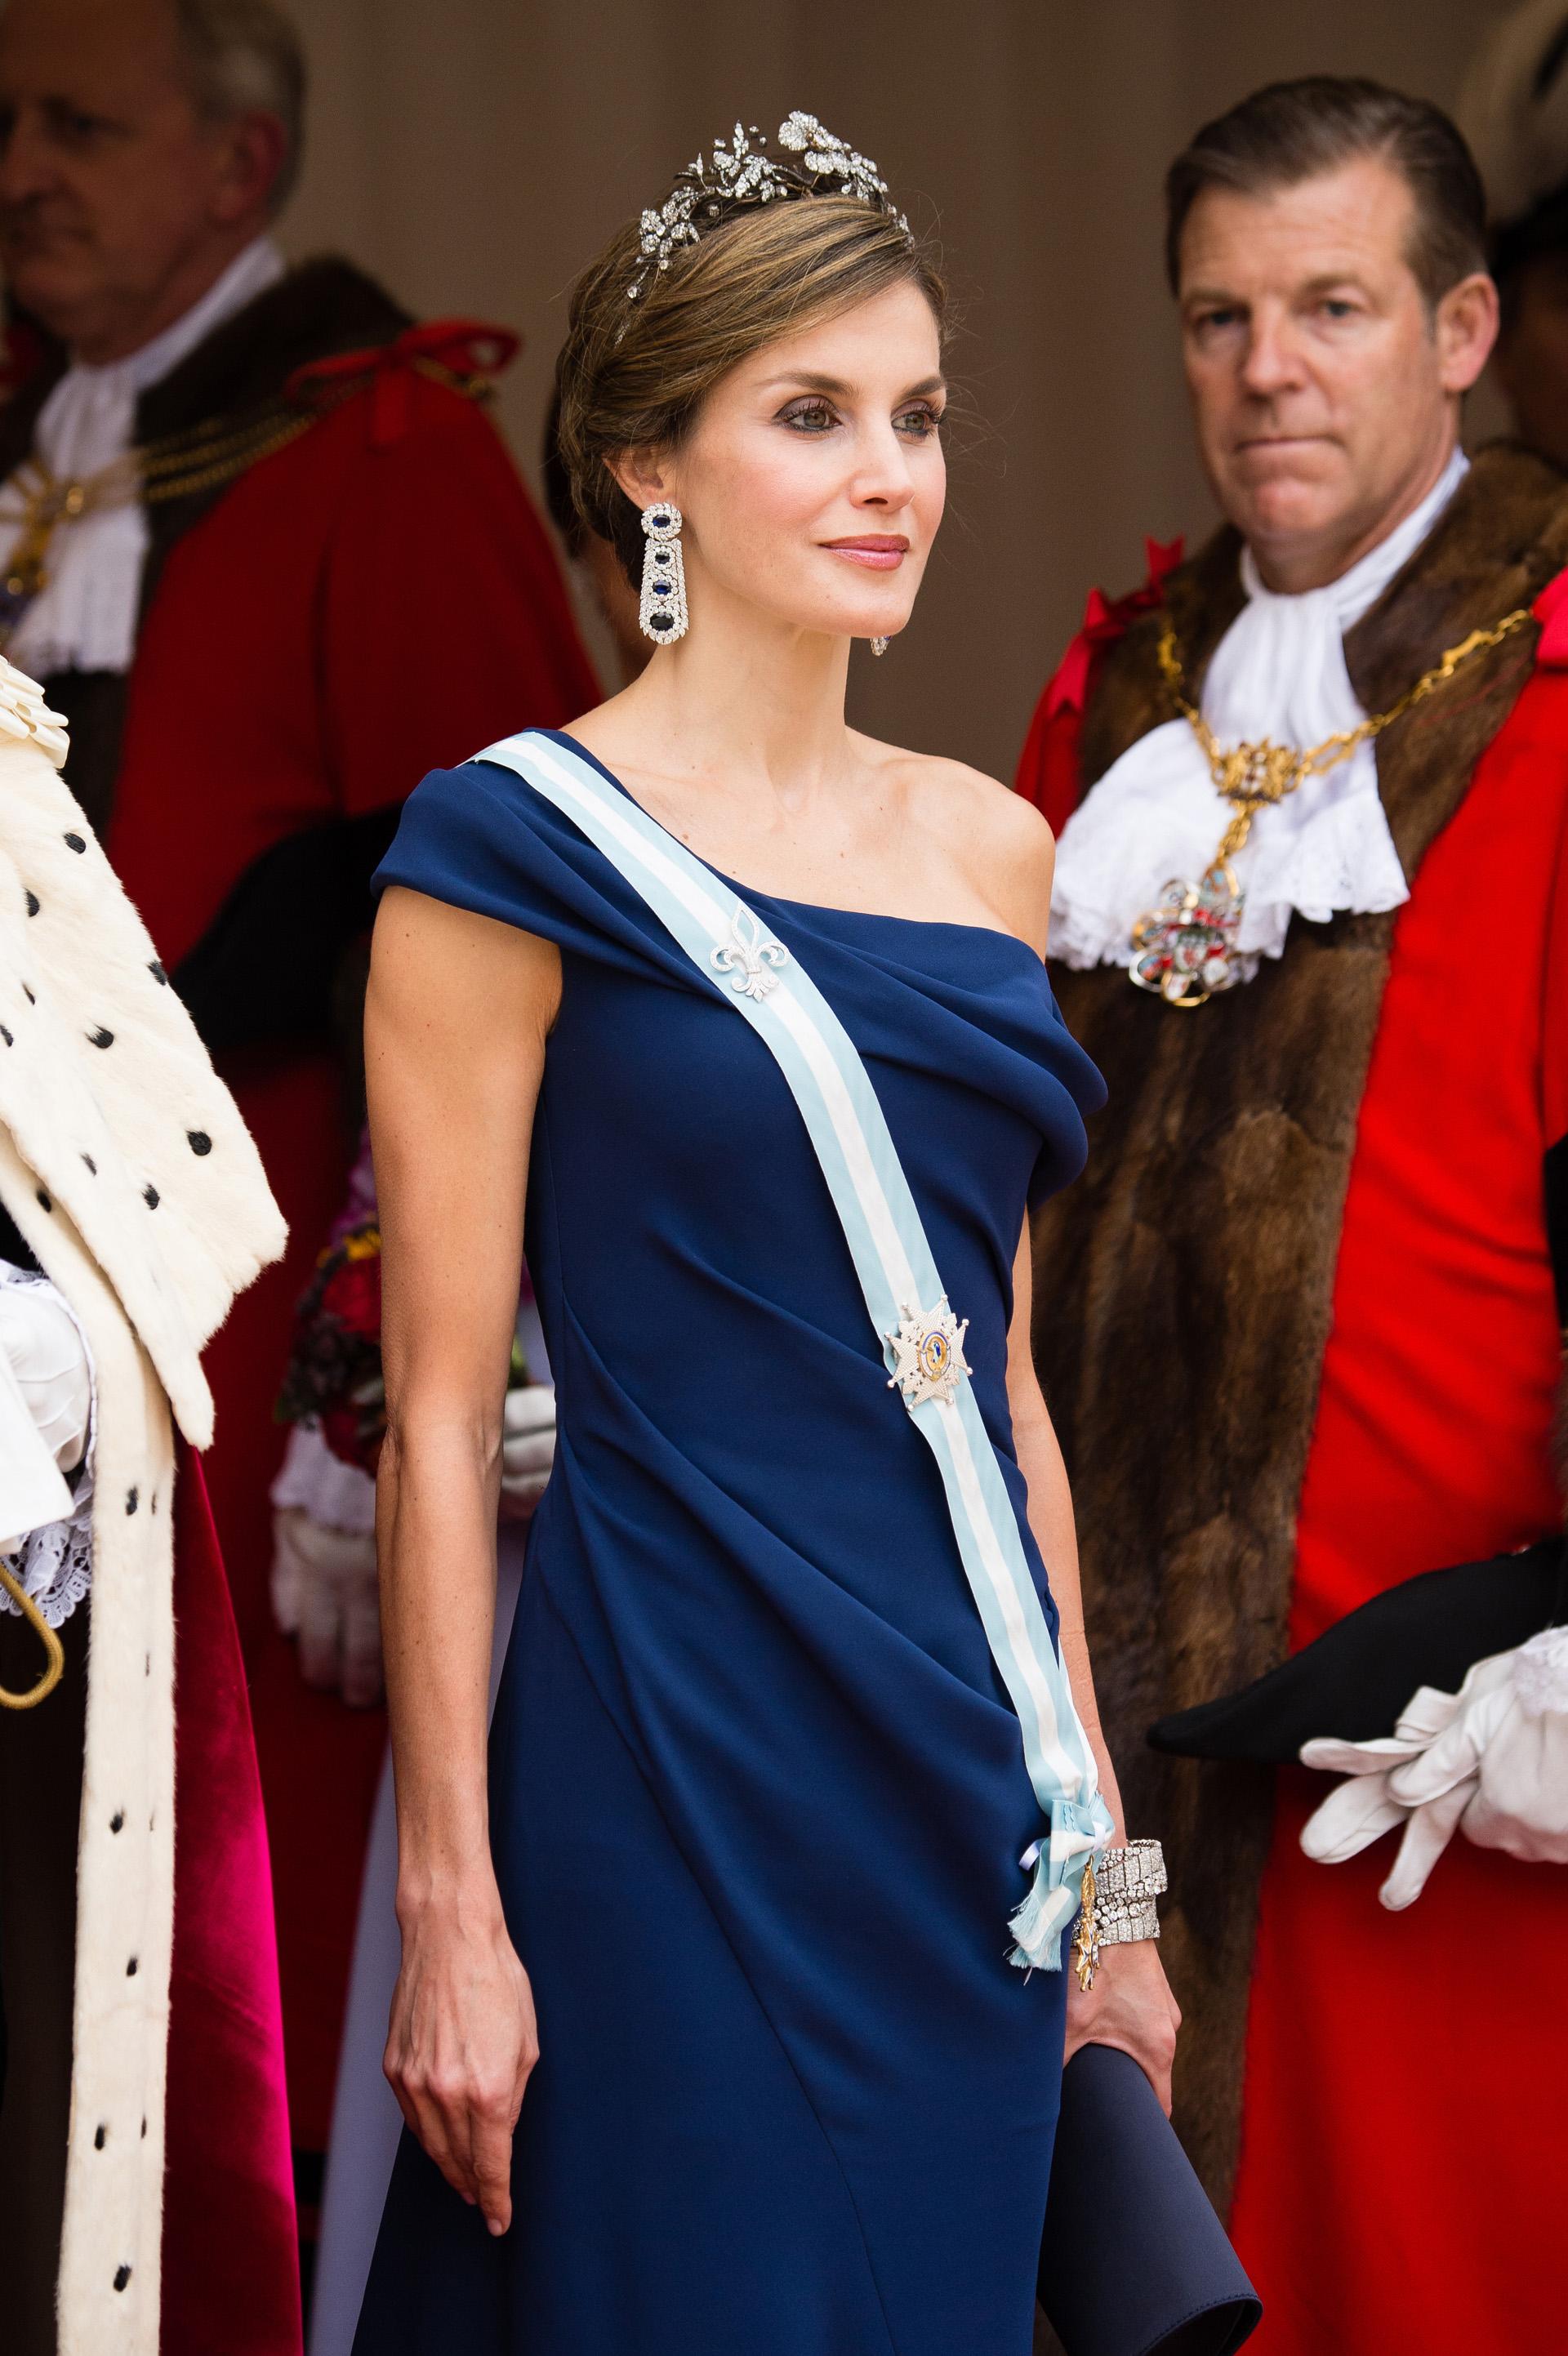 Completó su sofisticada propuesta con joyas de la corona en brillantes y piedras a tono(Photo by Jeff Spicer/Getty Images)